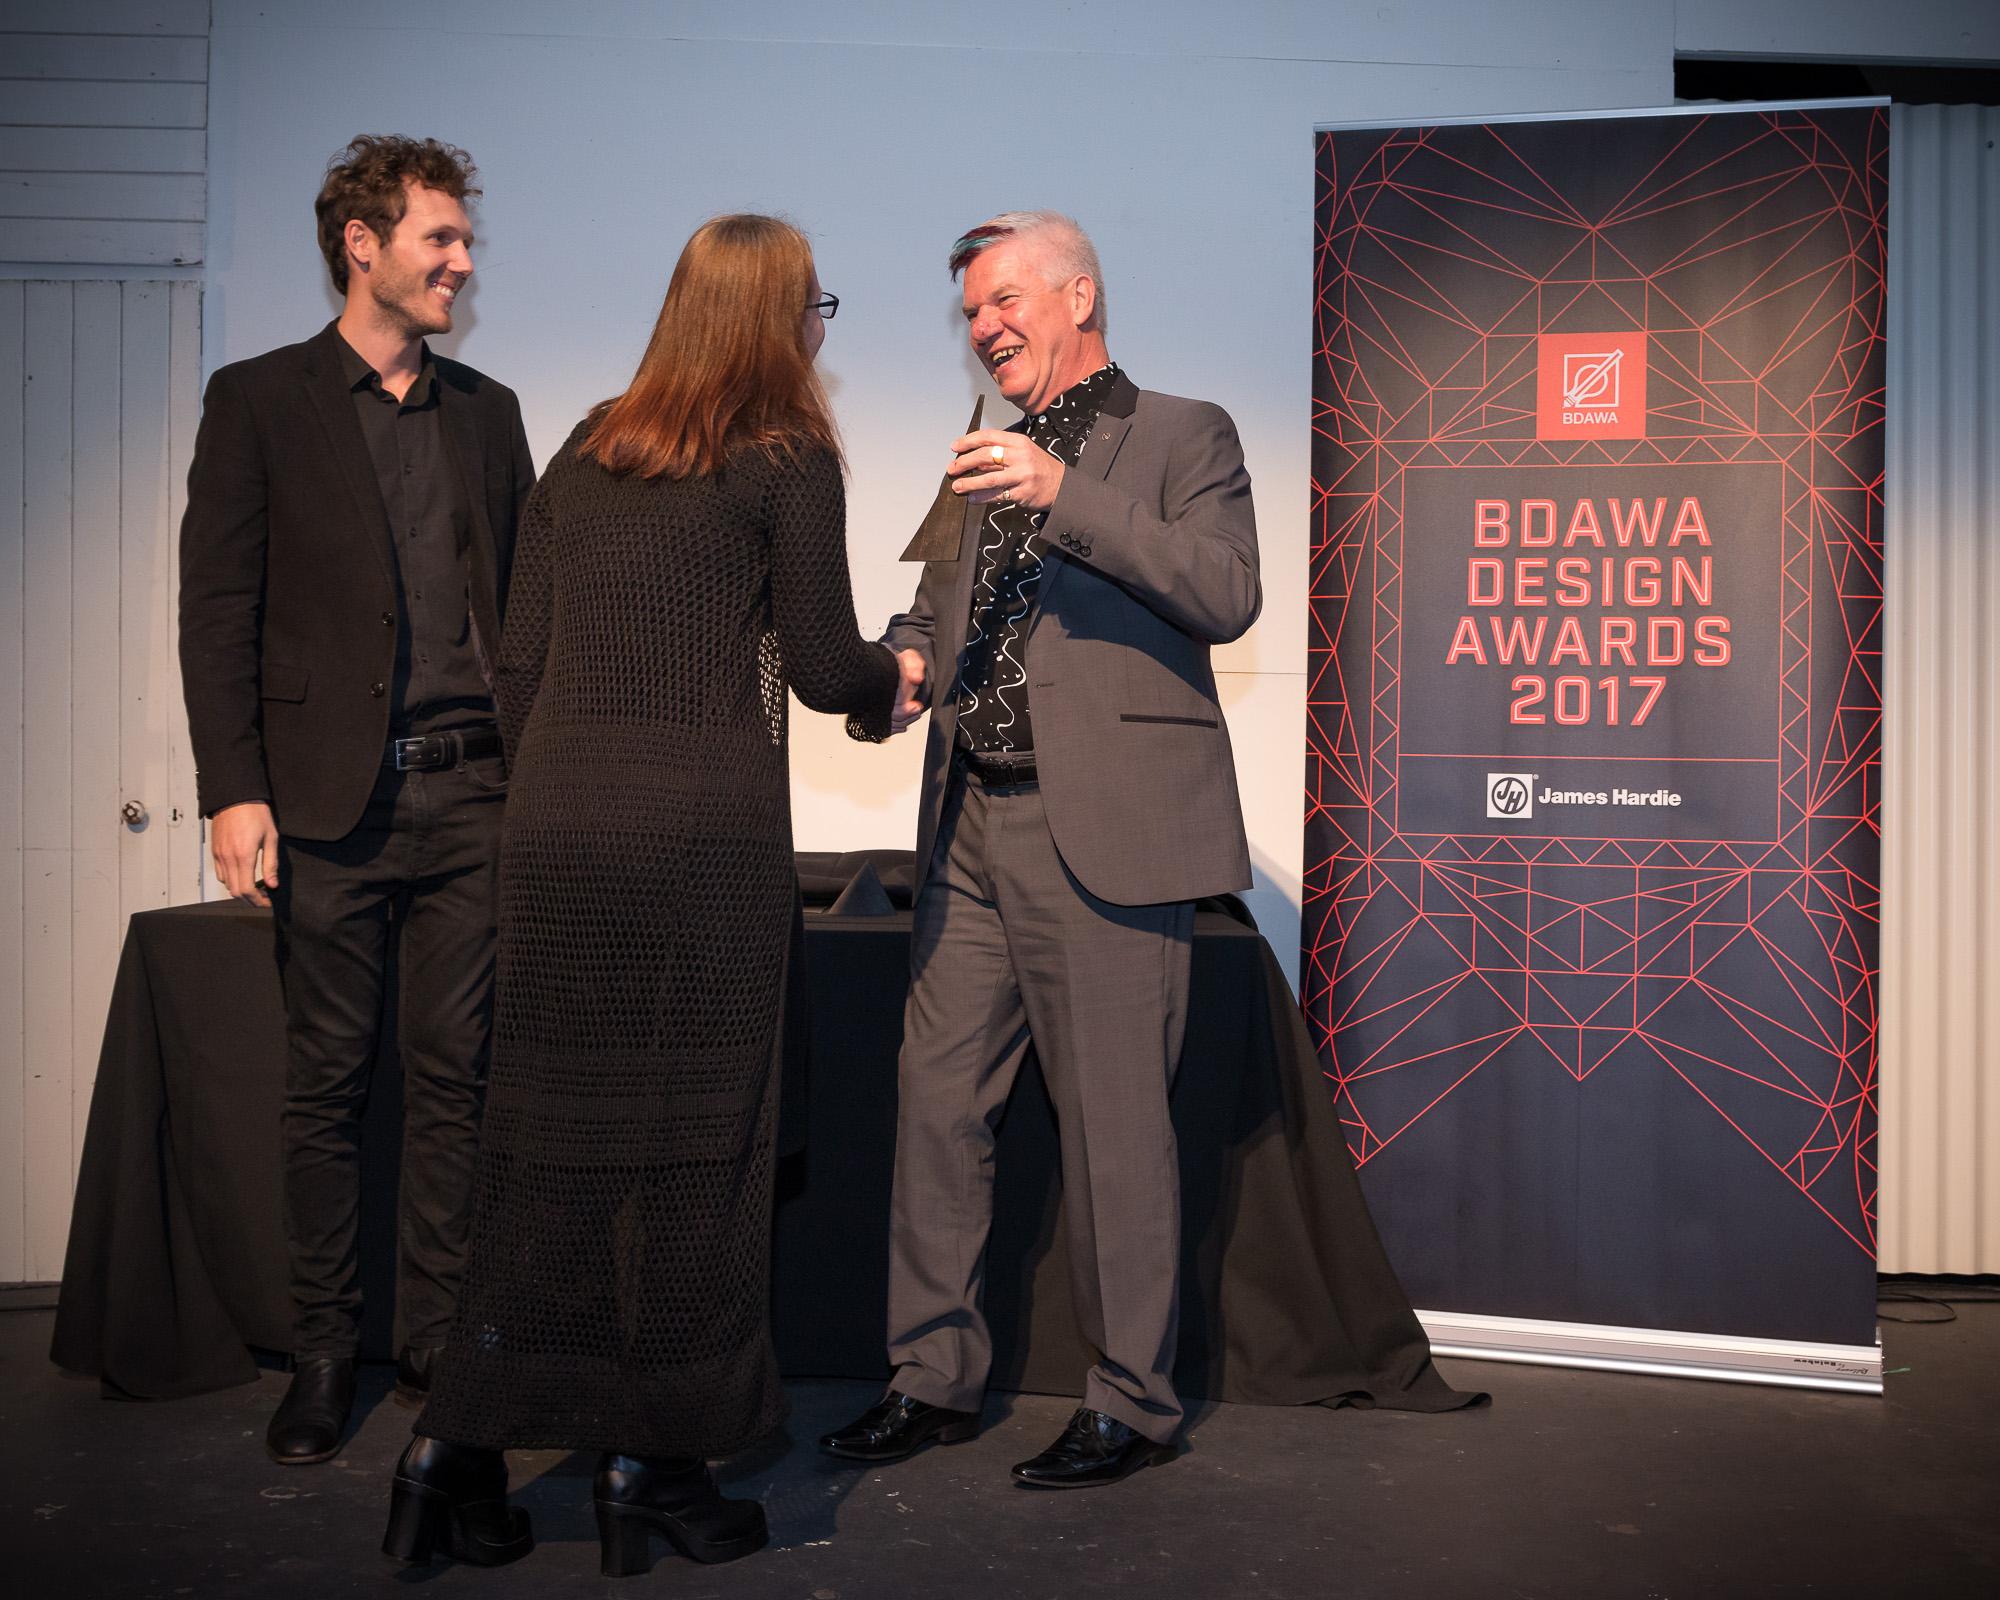 0197 BDA WA Awards 2017 _JHG7506.jpg